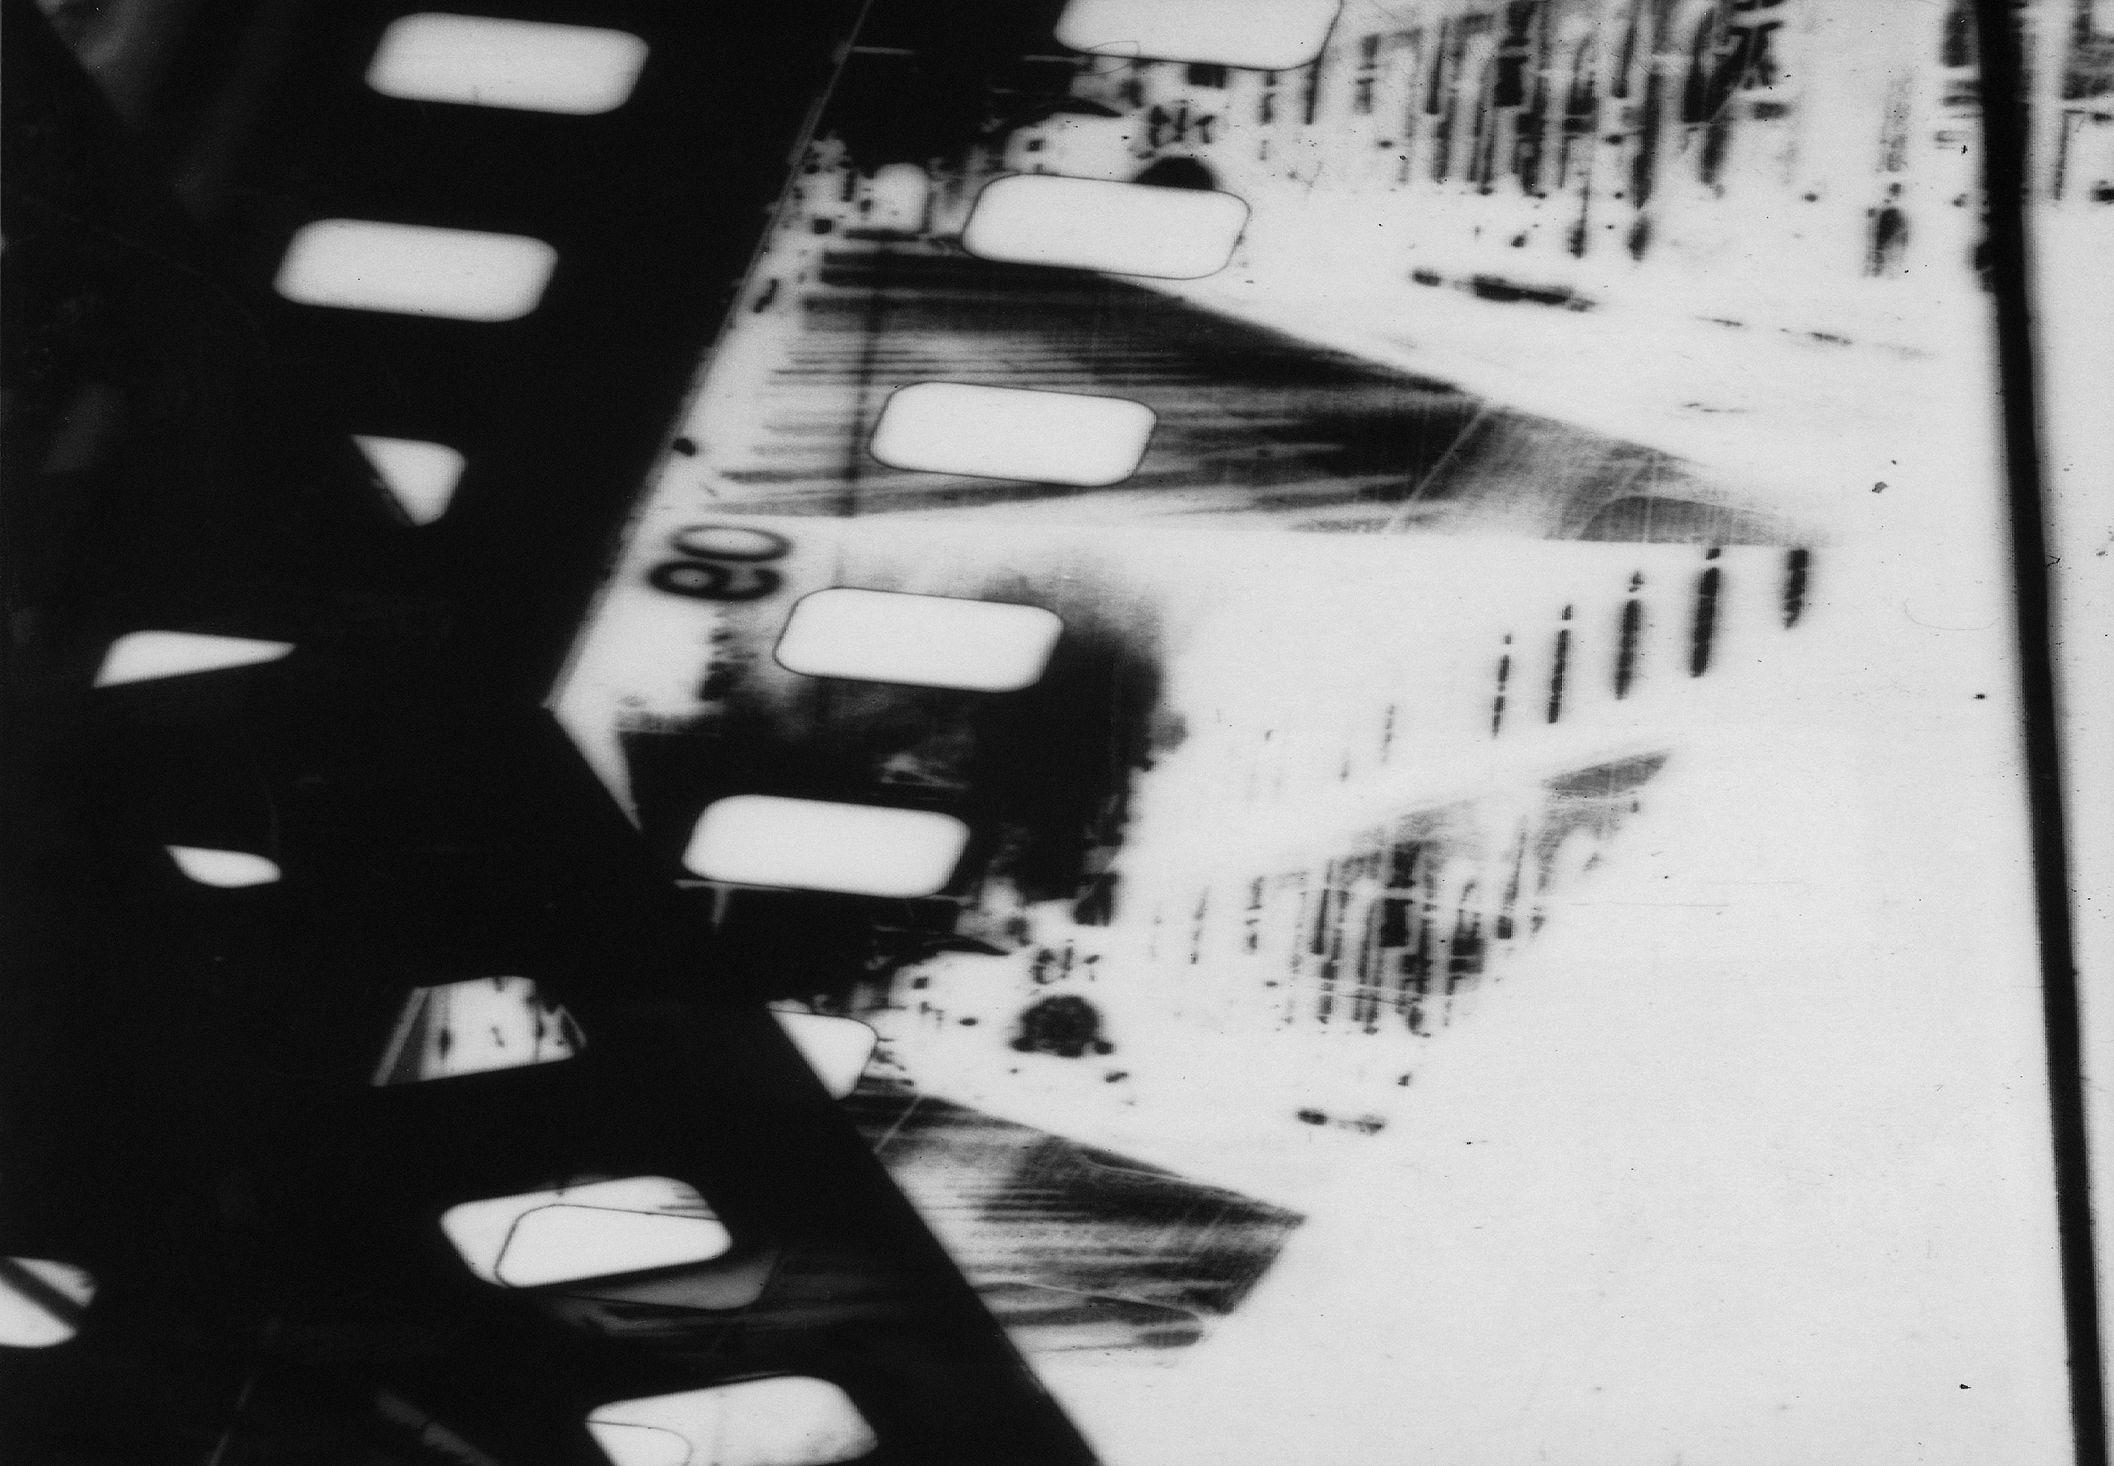 L'Arrivée (1997/98) 35mm, Peter Tscherkassky